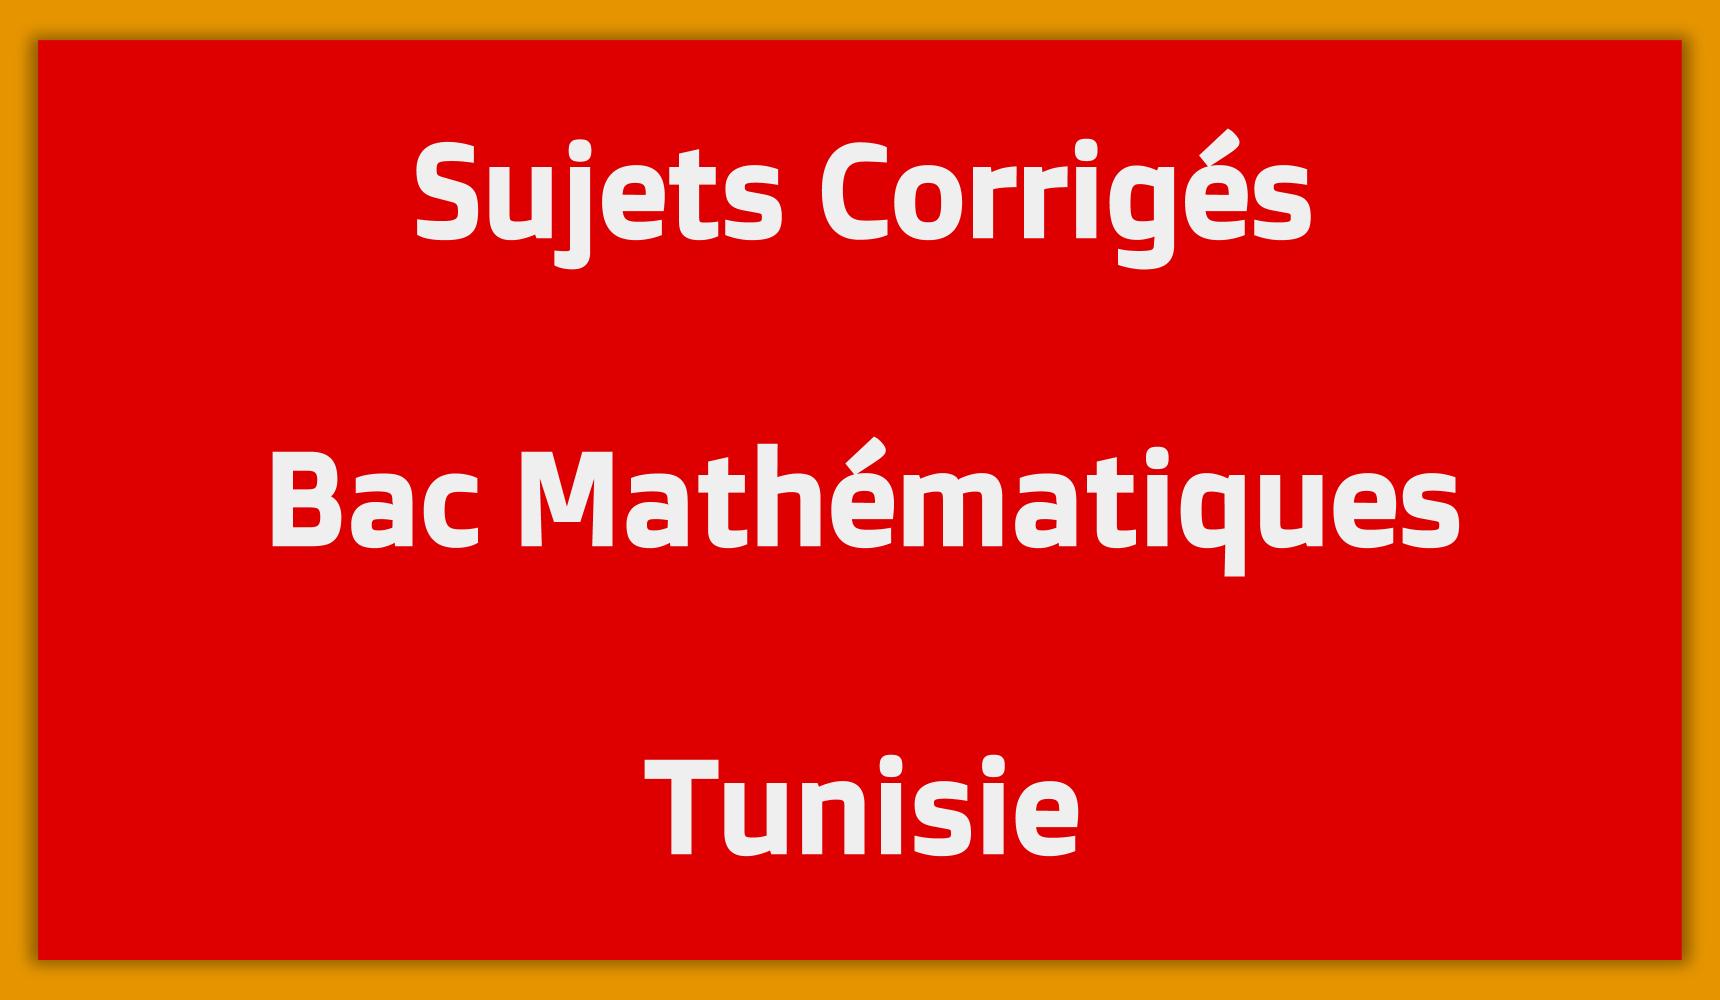 Sujets Corrigés Bac Mathématiques Tunisie